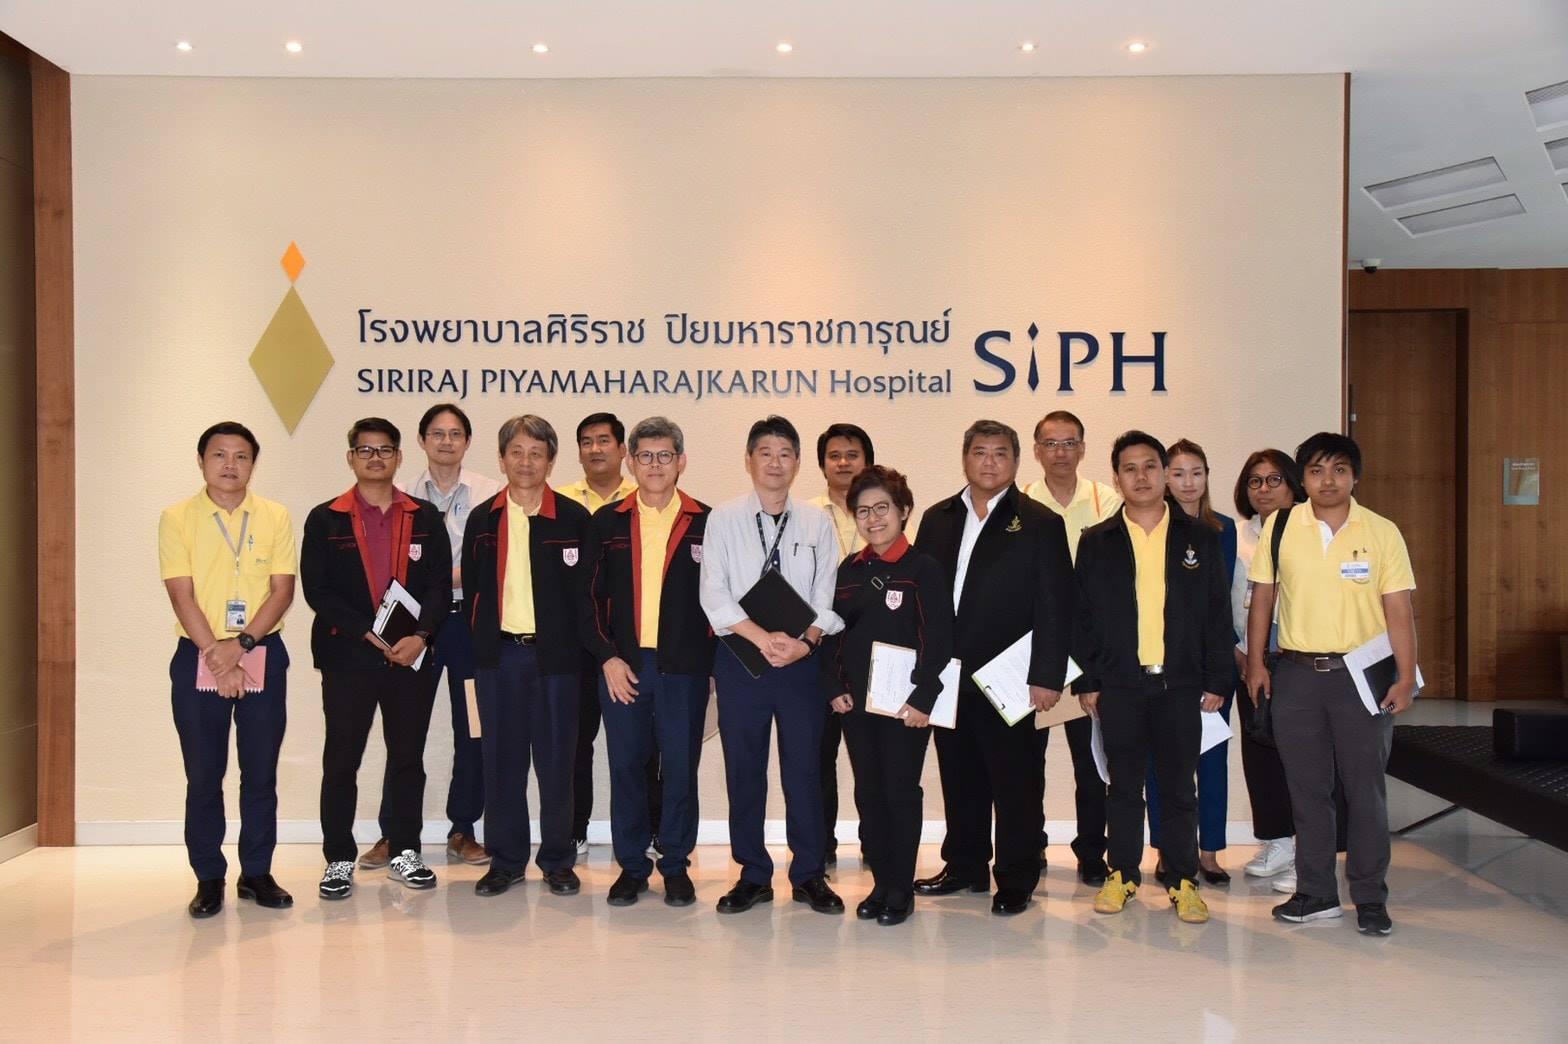 คณะกรรมการตรวจอาคารปลอดภัย โครงการ ASEAN Building Fire Safety Awards 2019